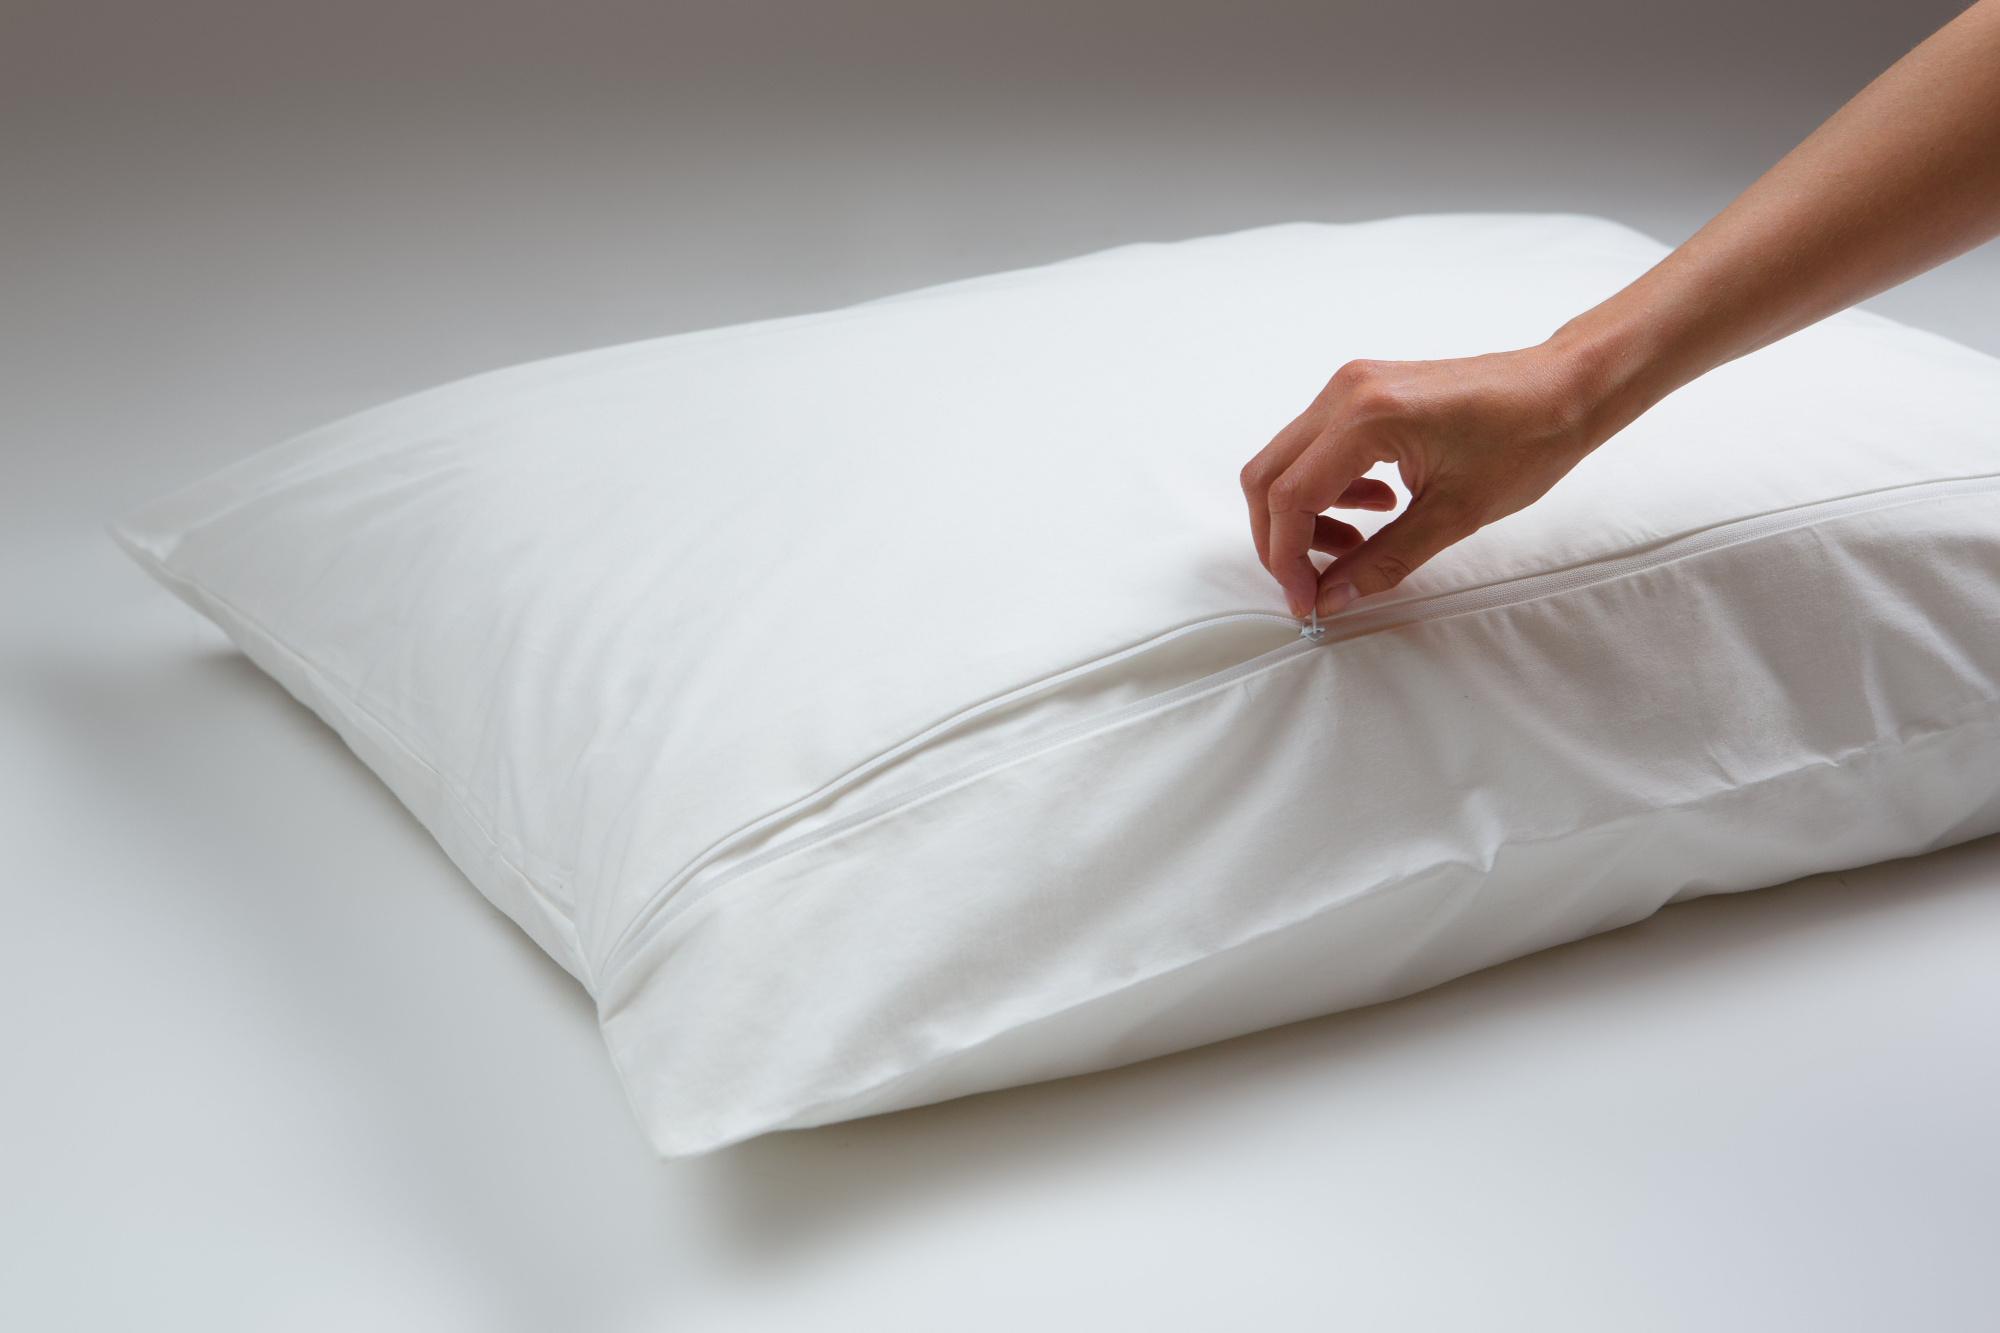 Vysokou účinnost a zároveň maximální komfort nabízejí bavlněné protiroztočové povlaky Protecsom (foto: ProAlergiky.cz)